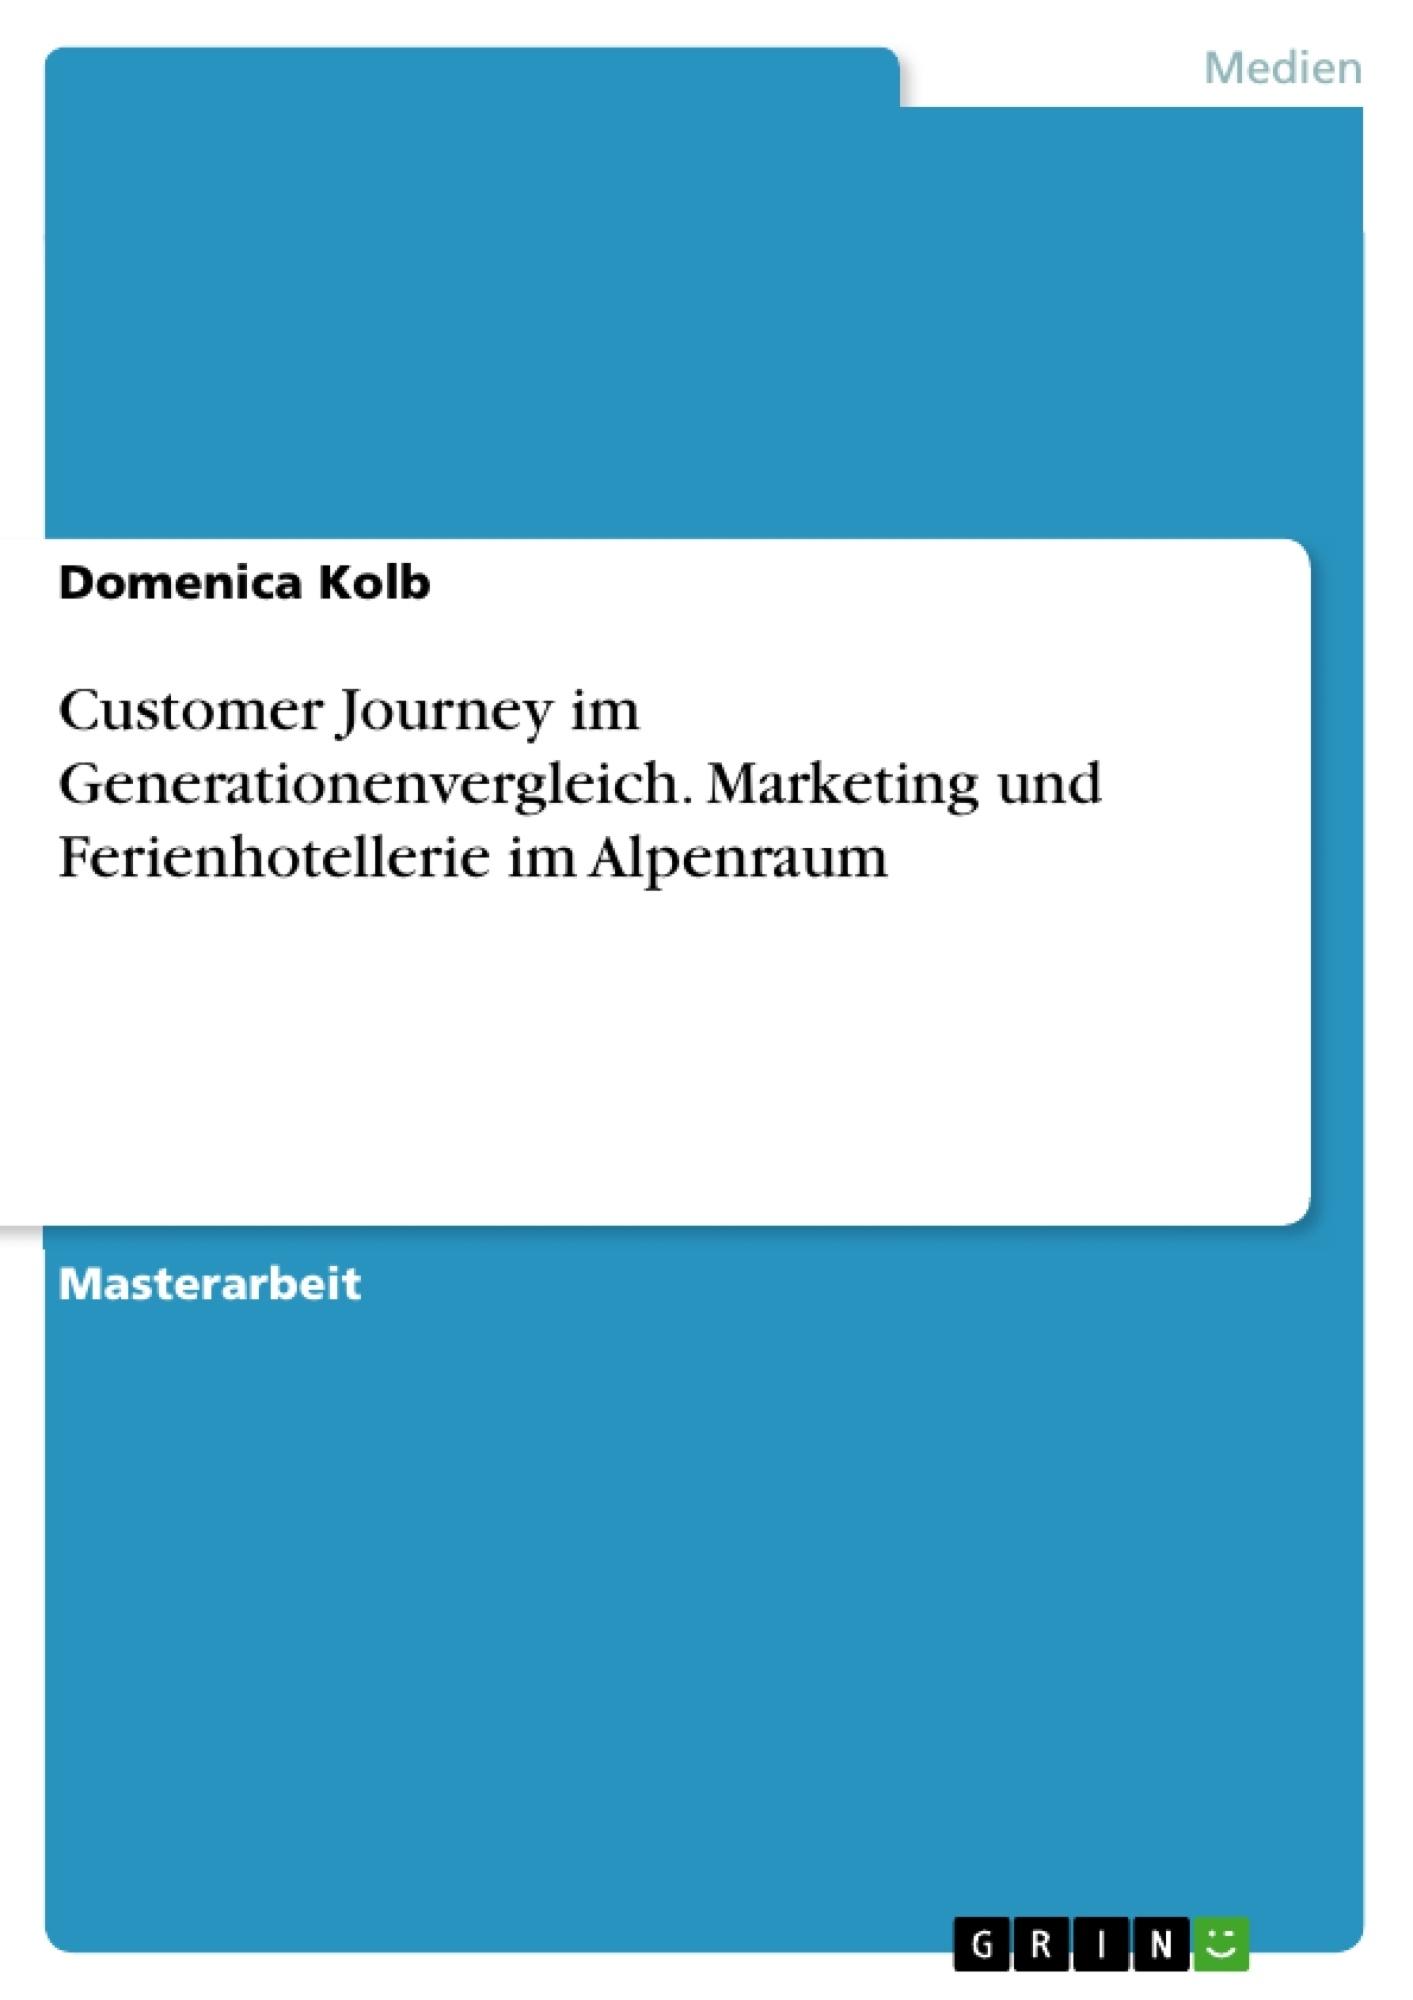 Titel: Customer Journey im Generationenvergleich. Marketing und Ferienhotellerie im Alpenraum